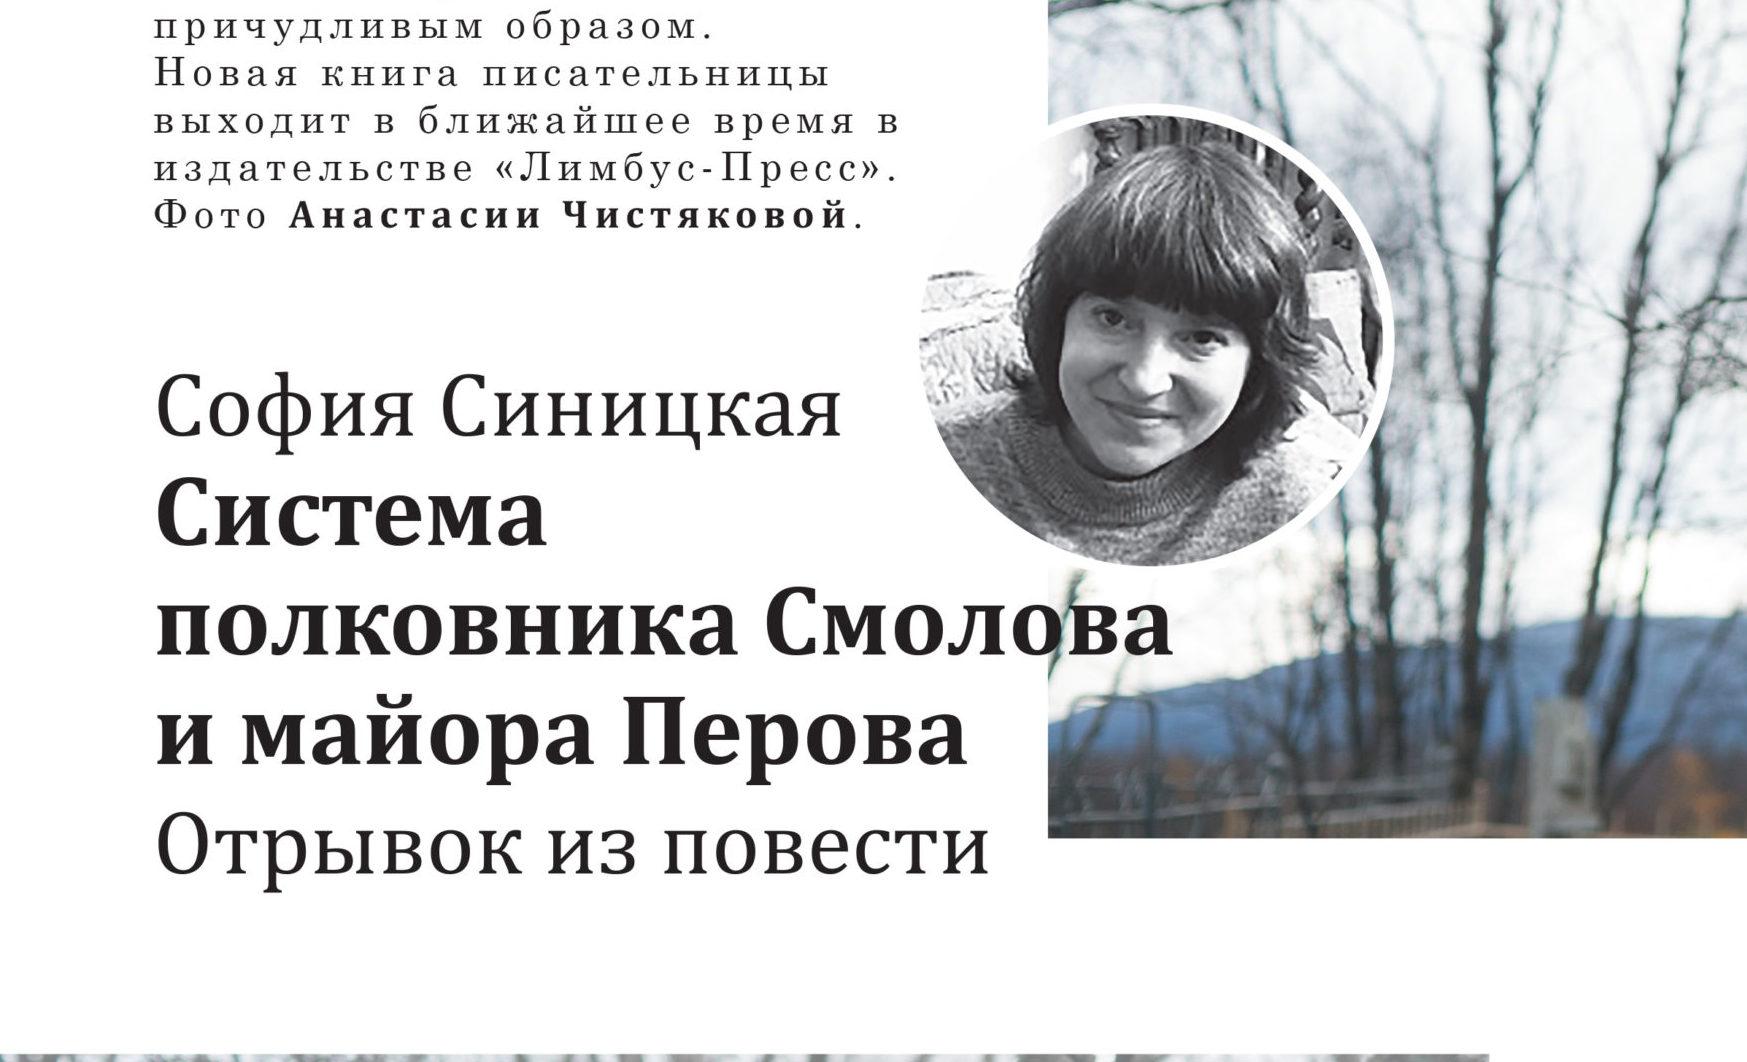 Писательница София Синицкая предоставила «Тверьлайф» отрывок новой повести